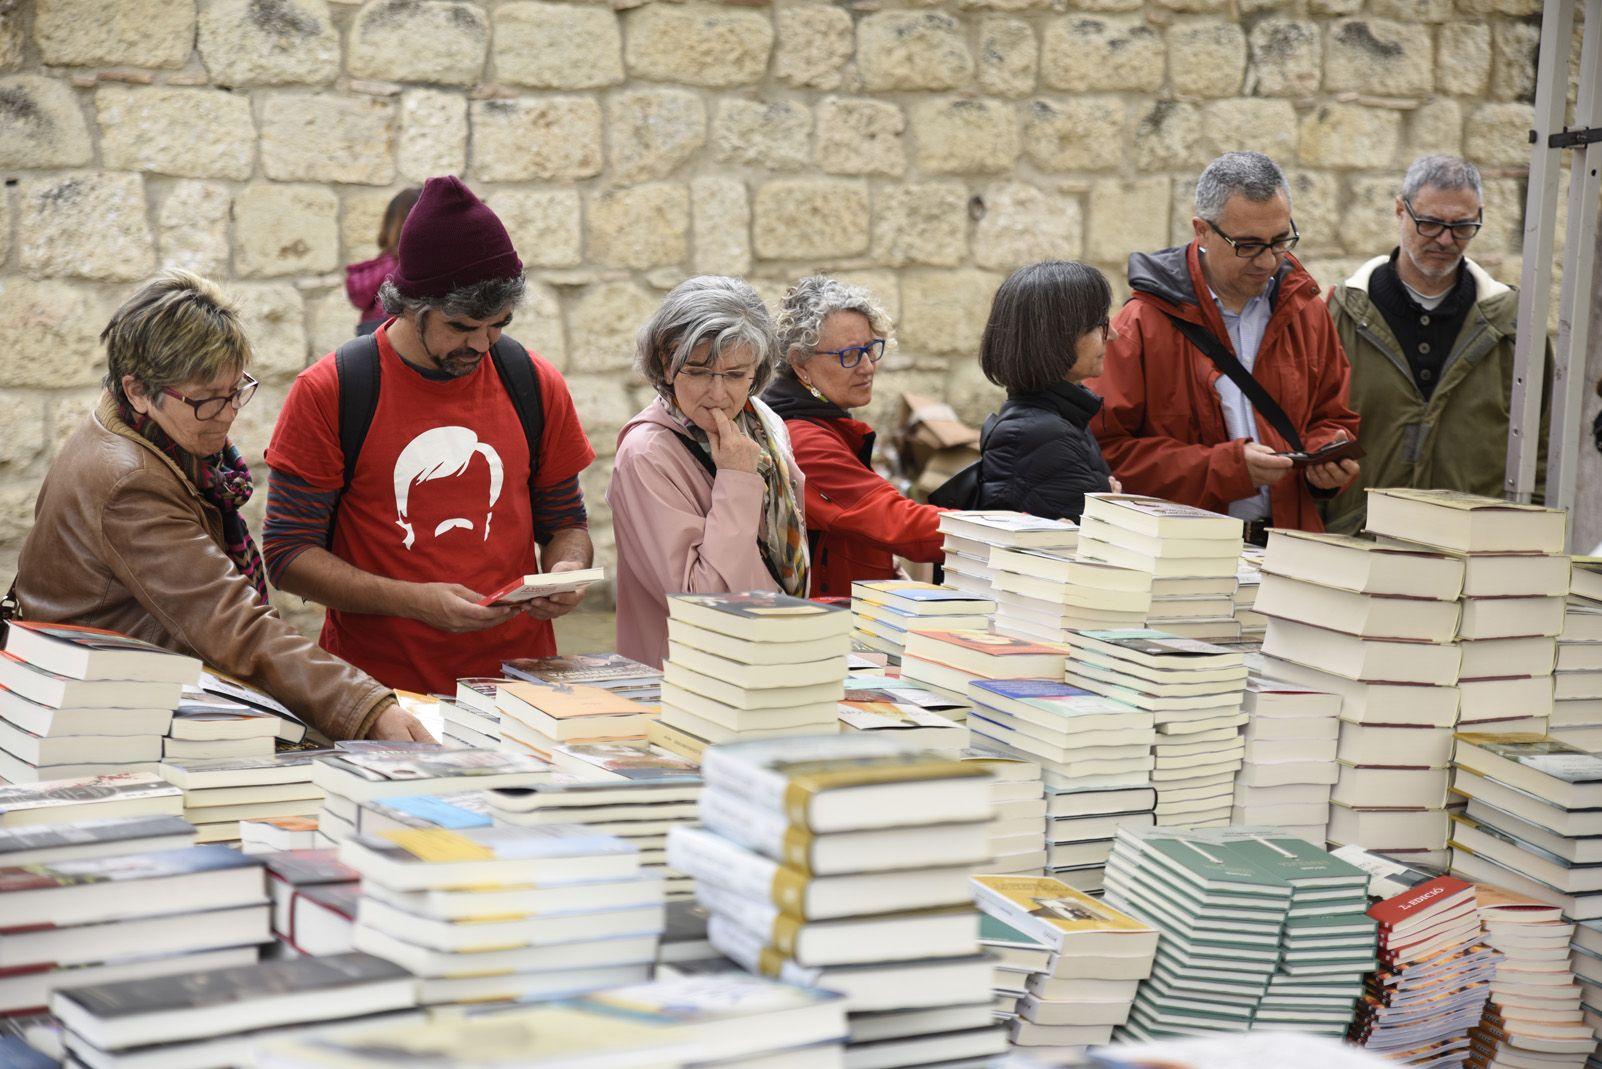 Venta de llibres durant la diada de Sant Jordi. Foto: Bernat Millet.